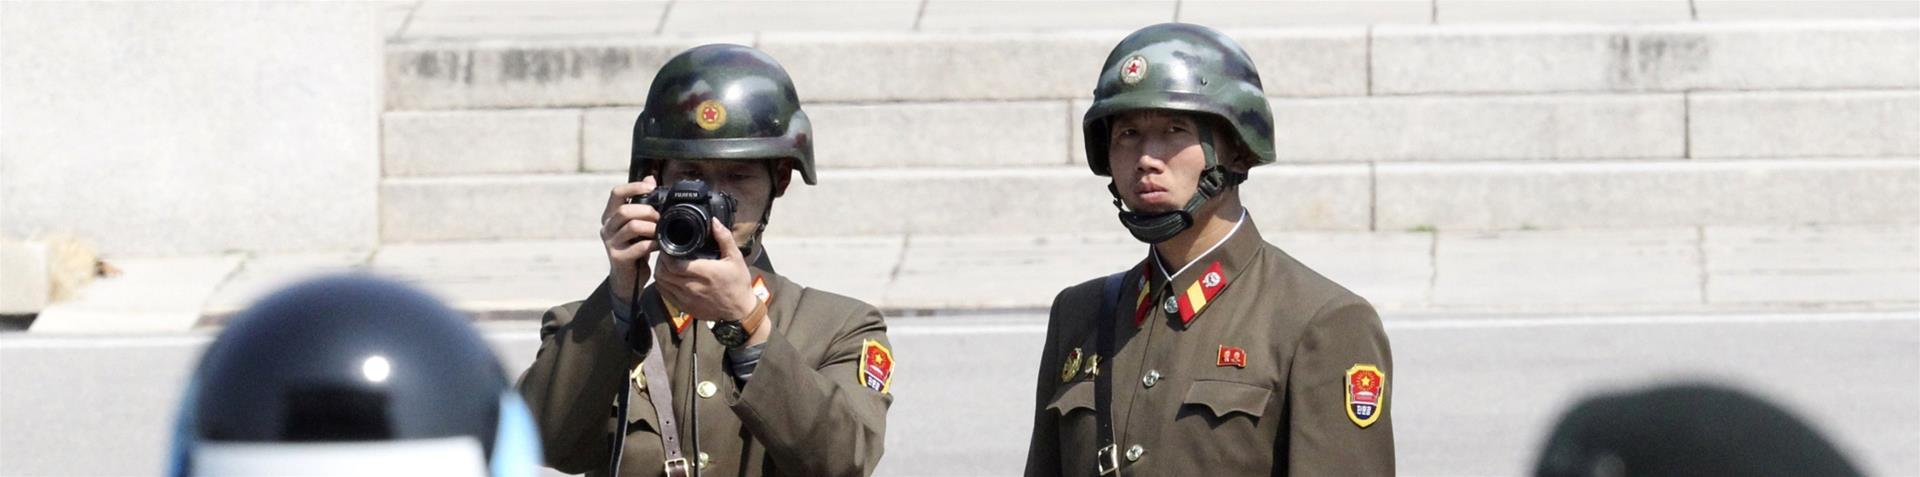 Militari della Corea del Nord in osservazioni